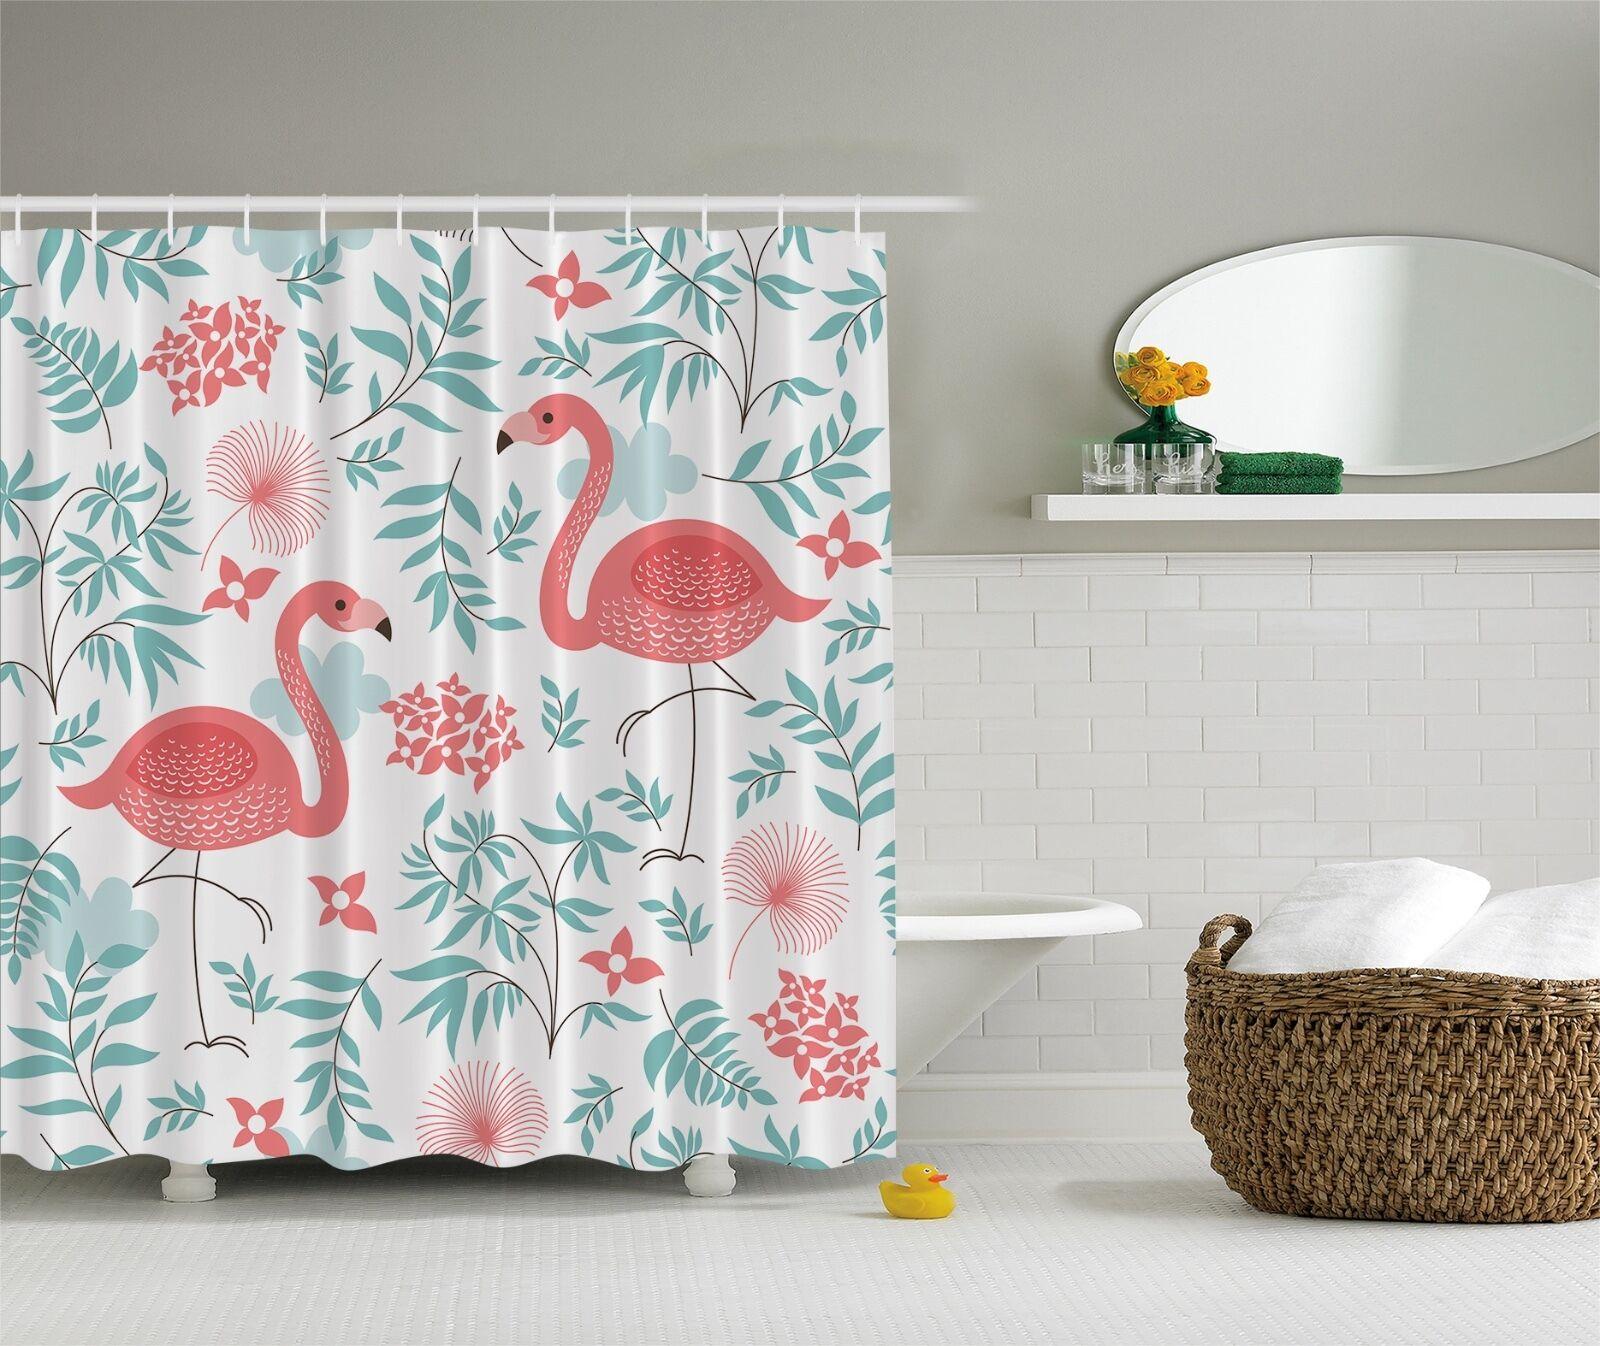 Rosa Aqua Flamingo Birds Flamingos Fabric Shower Curtain Digital Art Bathroom 999a50